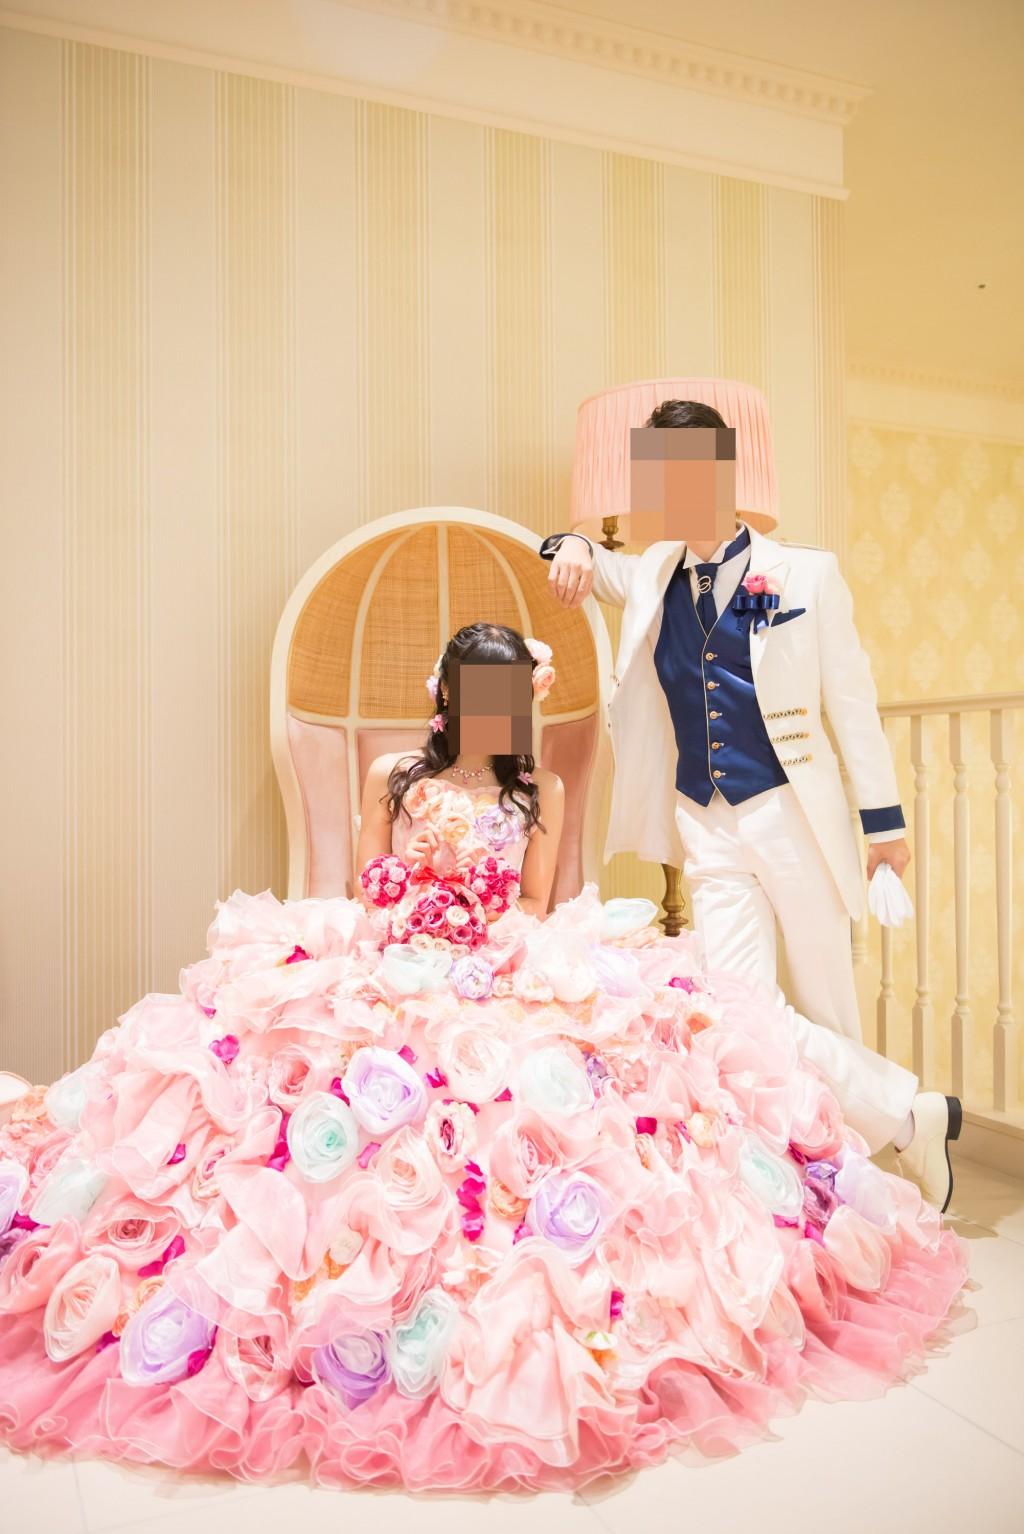 アニヴェルセルみなとみらい横浜 結婚式レポブログ ヴィラスウィートでの披露宴 お色直し撮影